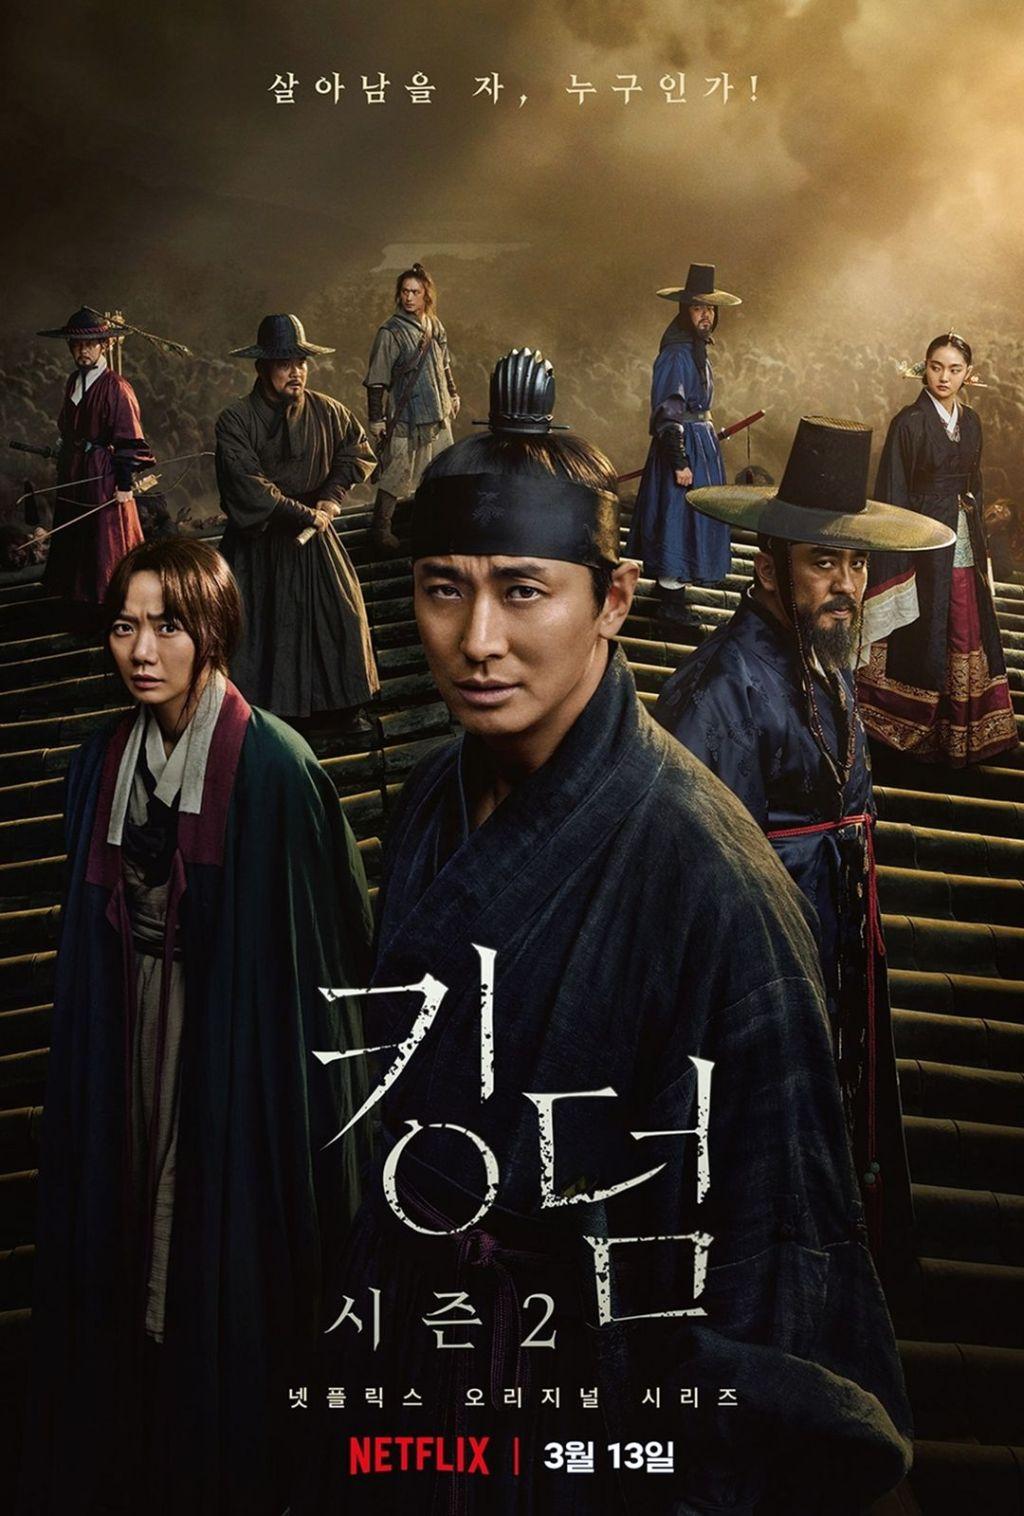 Sinopsis Dan Profil Lengkap Pemeran K-Drama Kingdom Season 2 (2020)